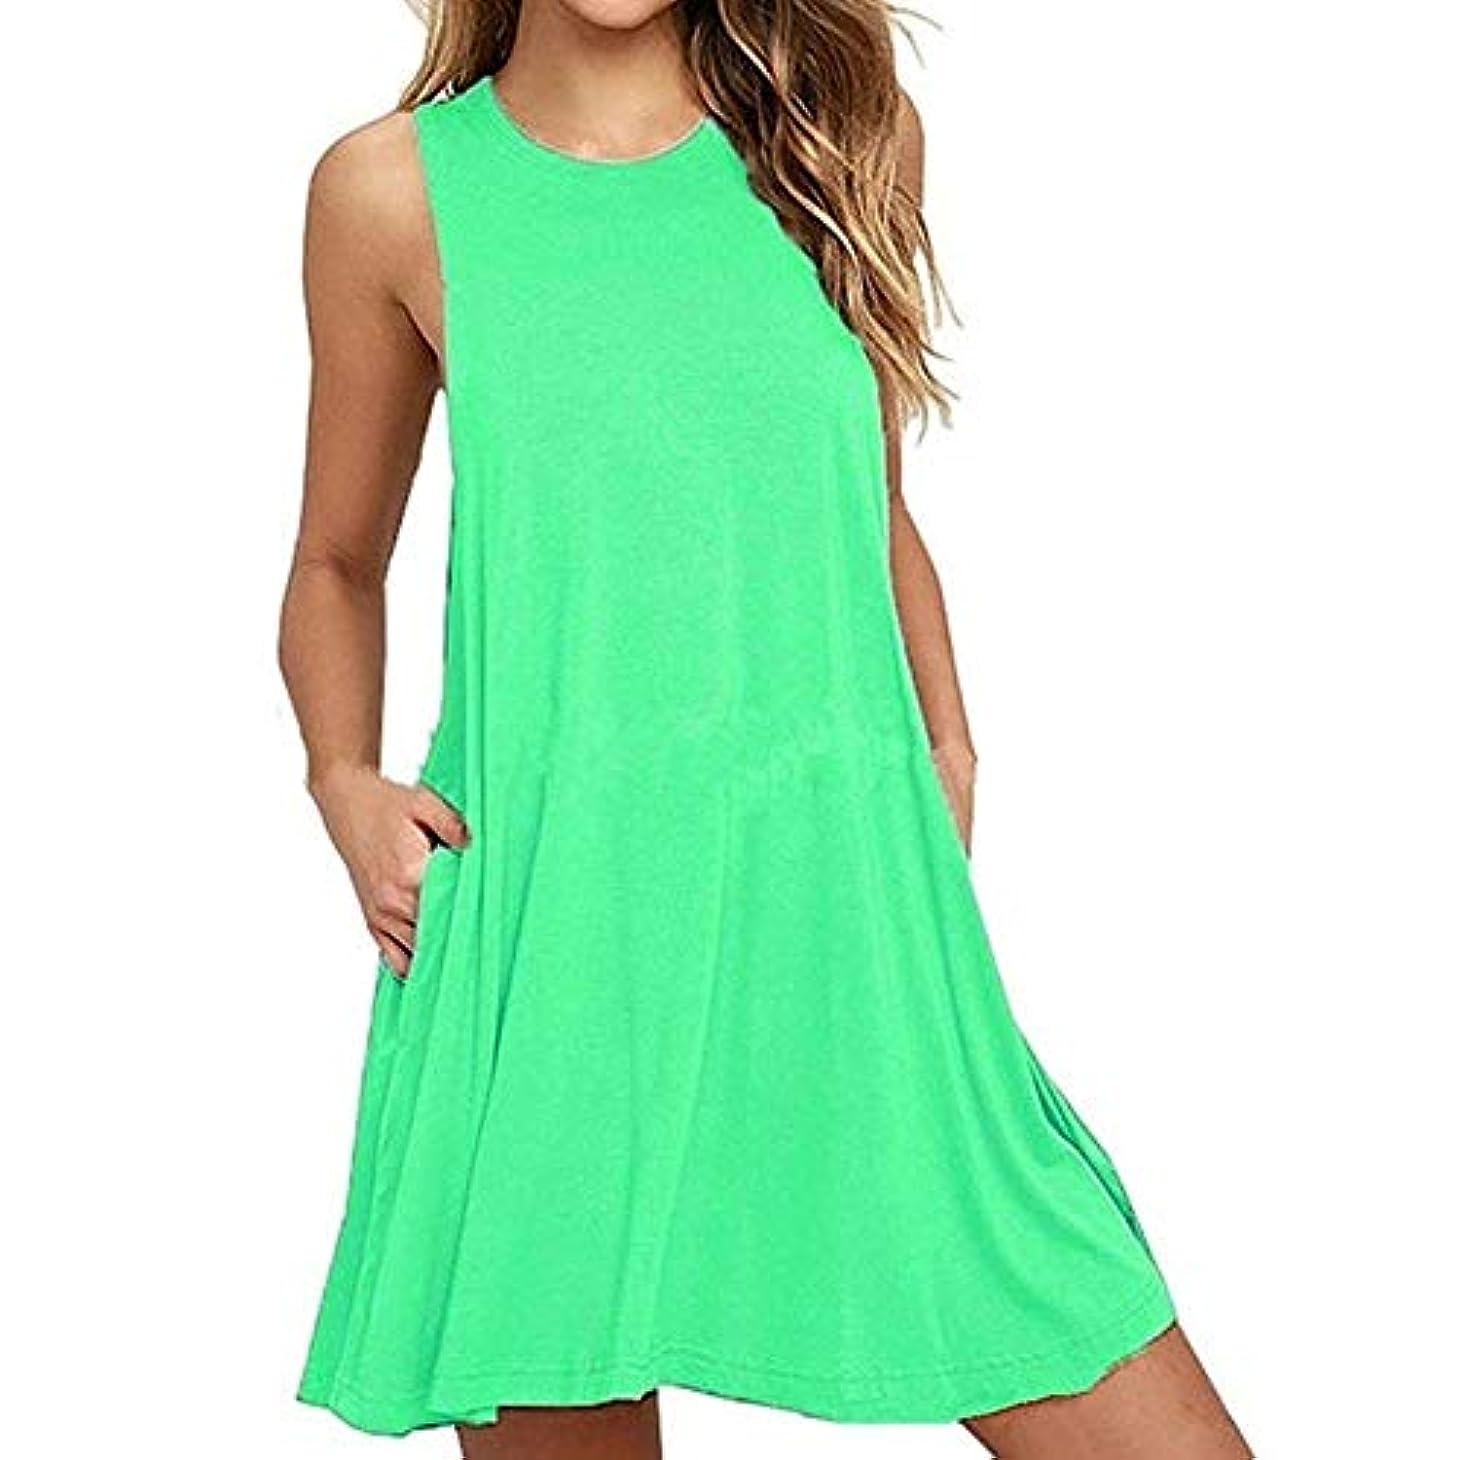 アンビエントかなりオーケストラMIFAN 人の女性のドレス、プラスサイズのドレス、ノースリーブのドレス、ミニドレス、ホルタードレス、コットンドレス